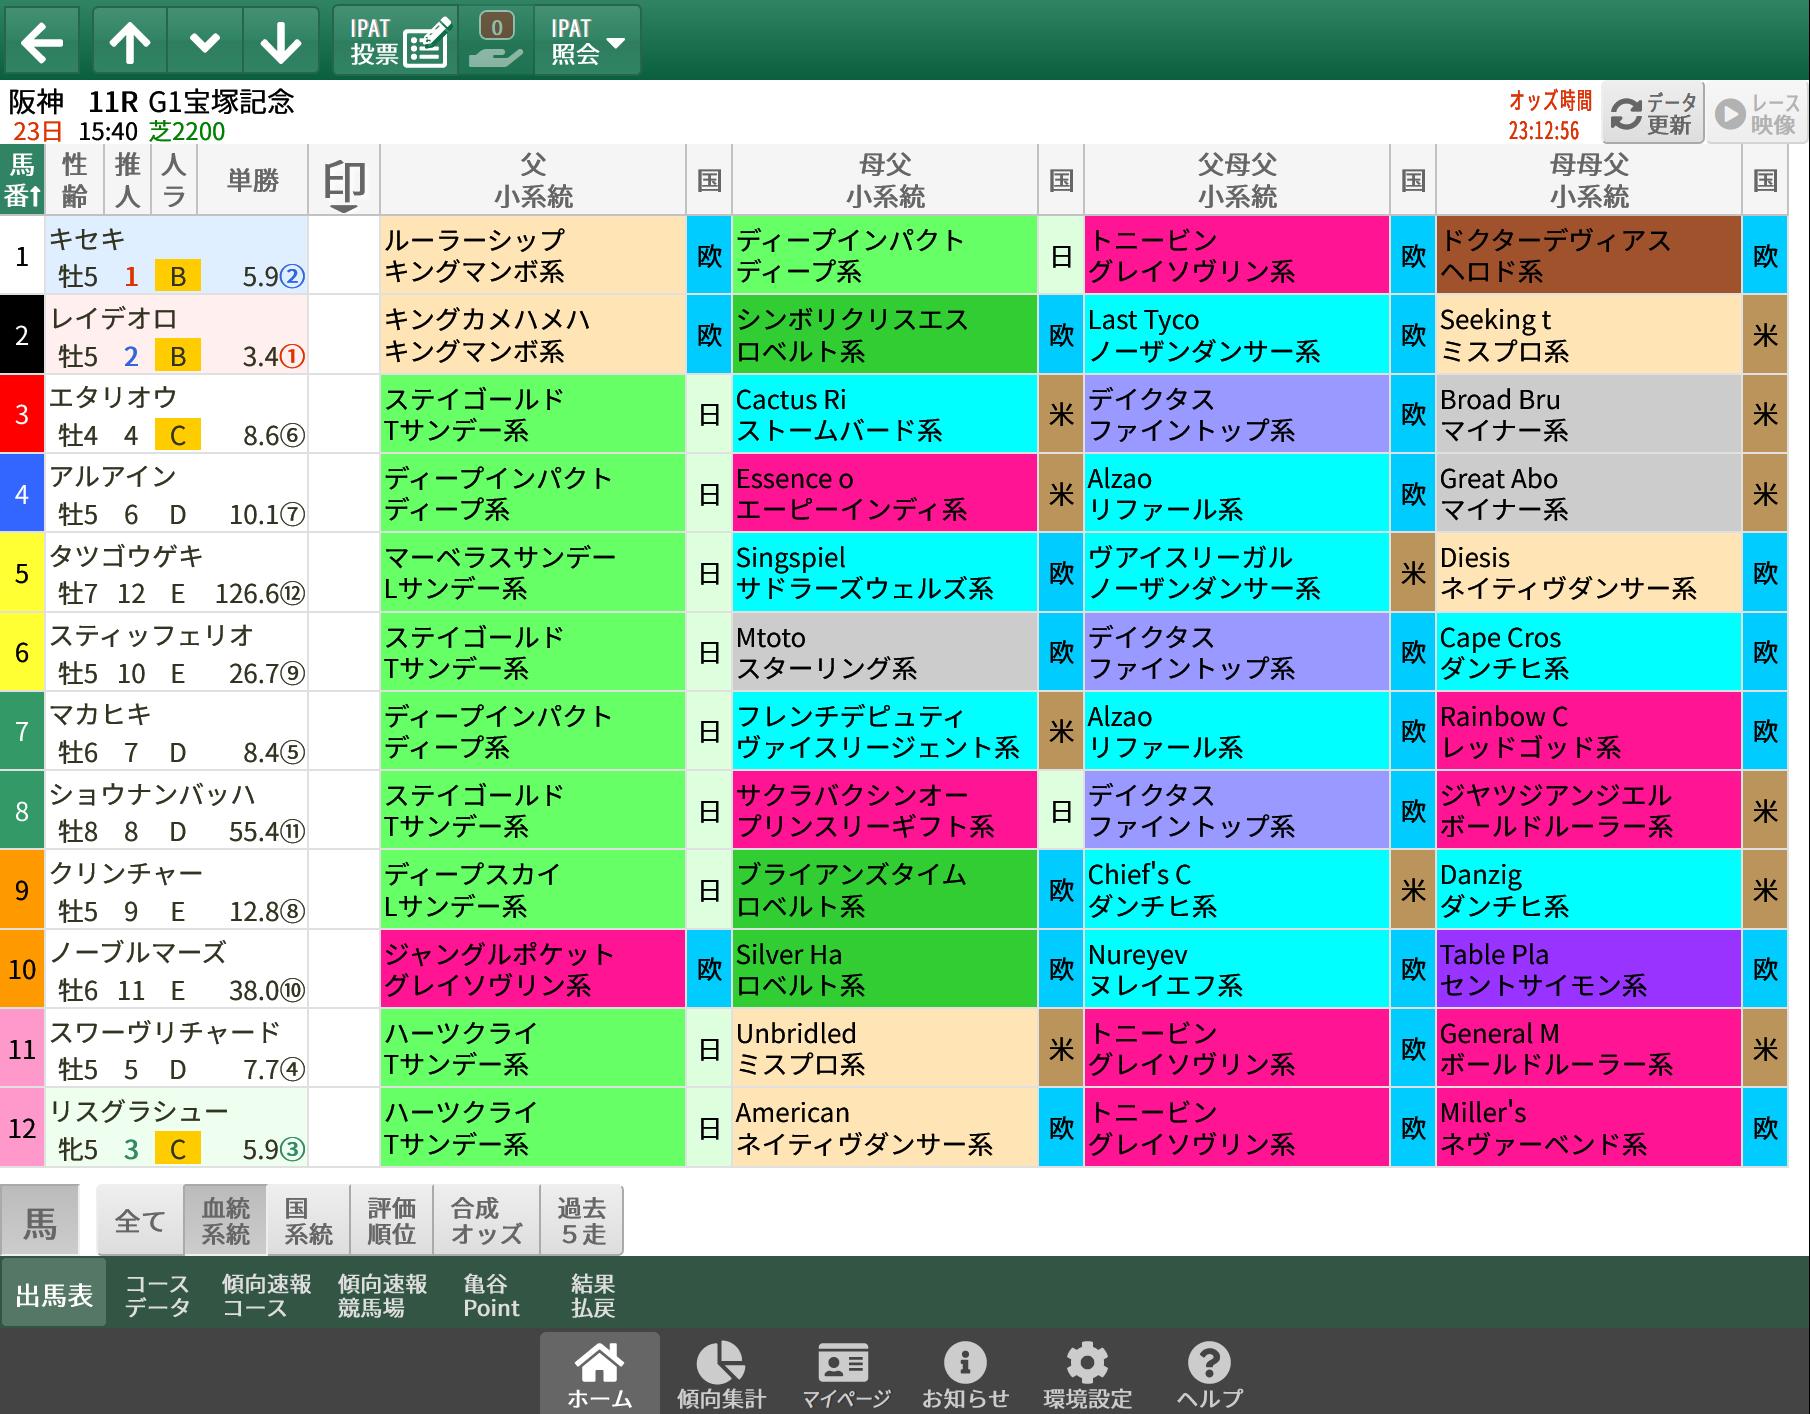 【無料公開】宝塚記念 / 亀谷サロン限定公開中のスマート出馬表・次期バージョン